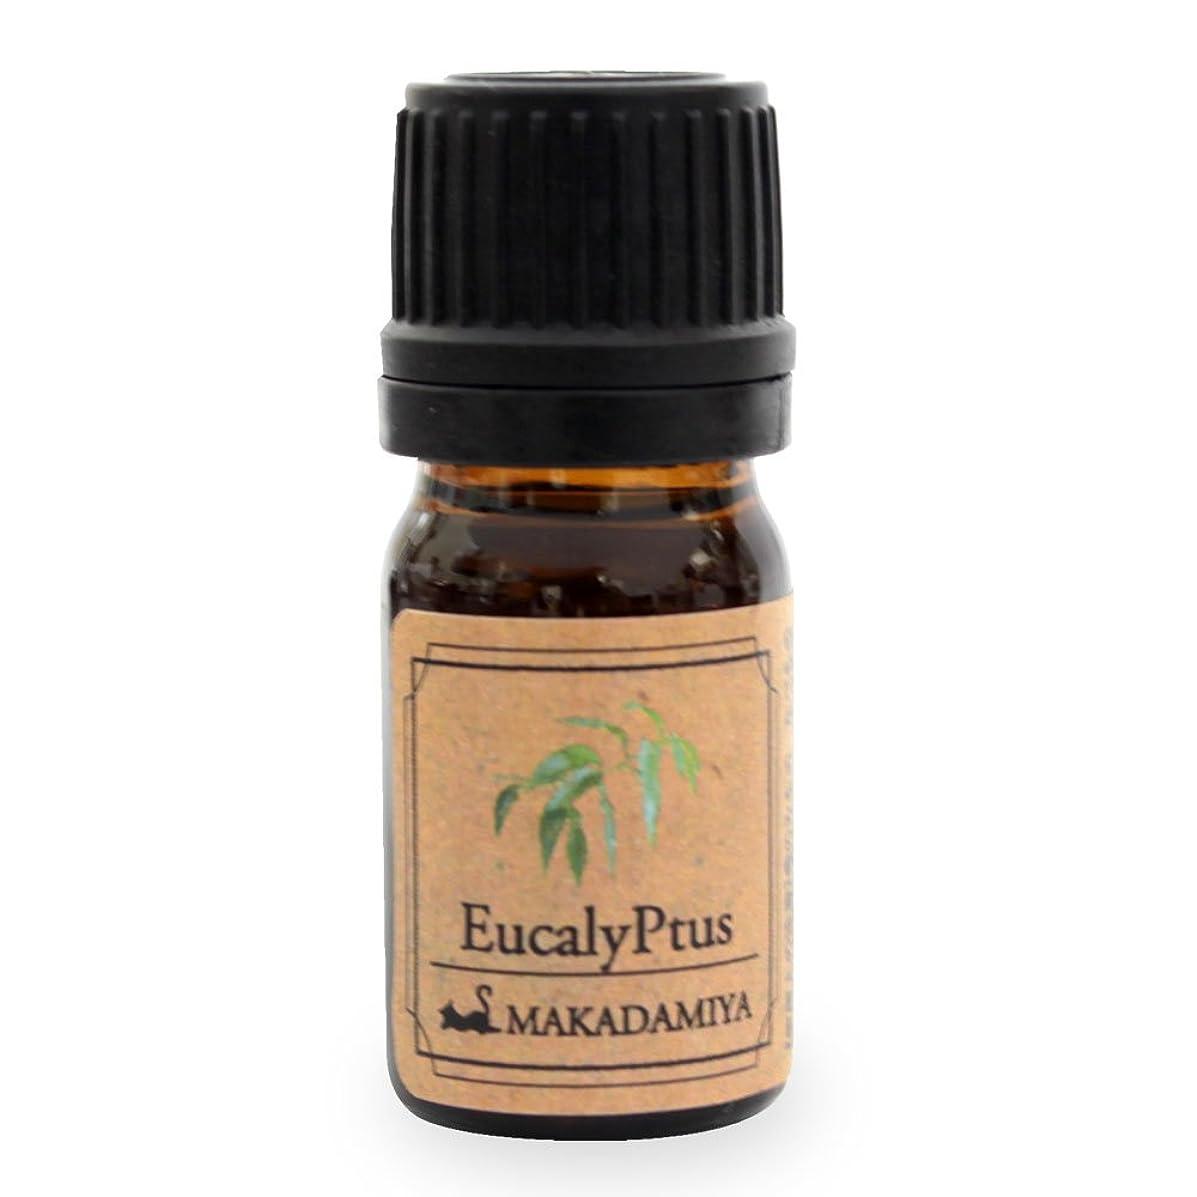 篭目の前の敬の念ユーカリ5ml 天然100%植物性 エッセンシャルオイル(精油) アロマオイル アロママッサージ aroma Eucalyptus